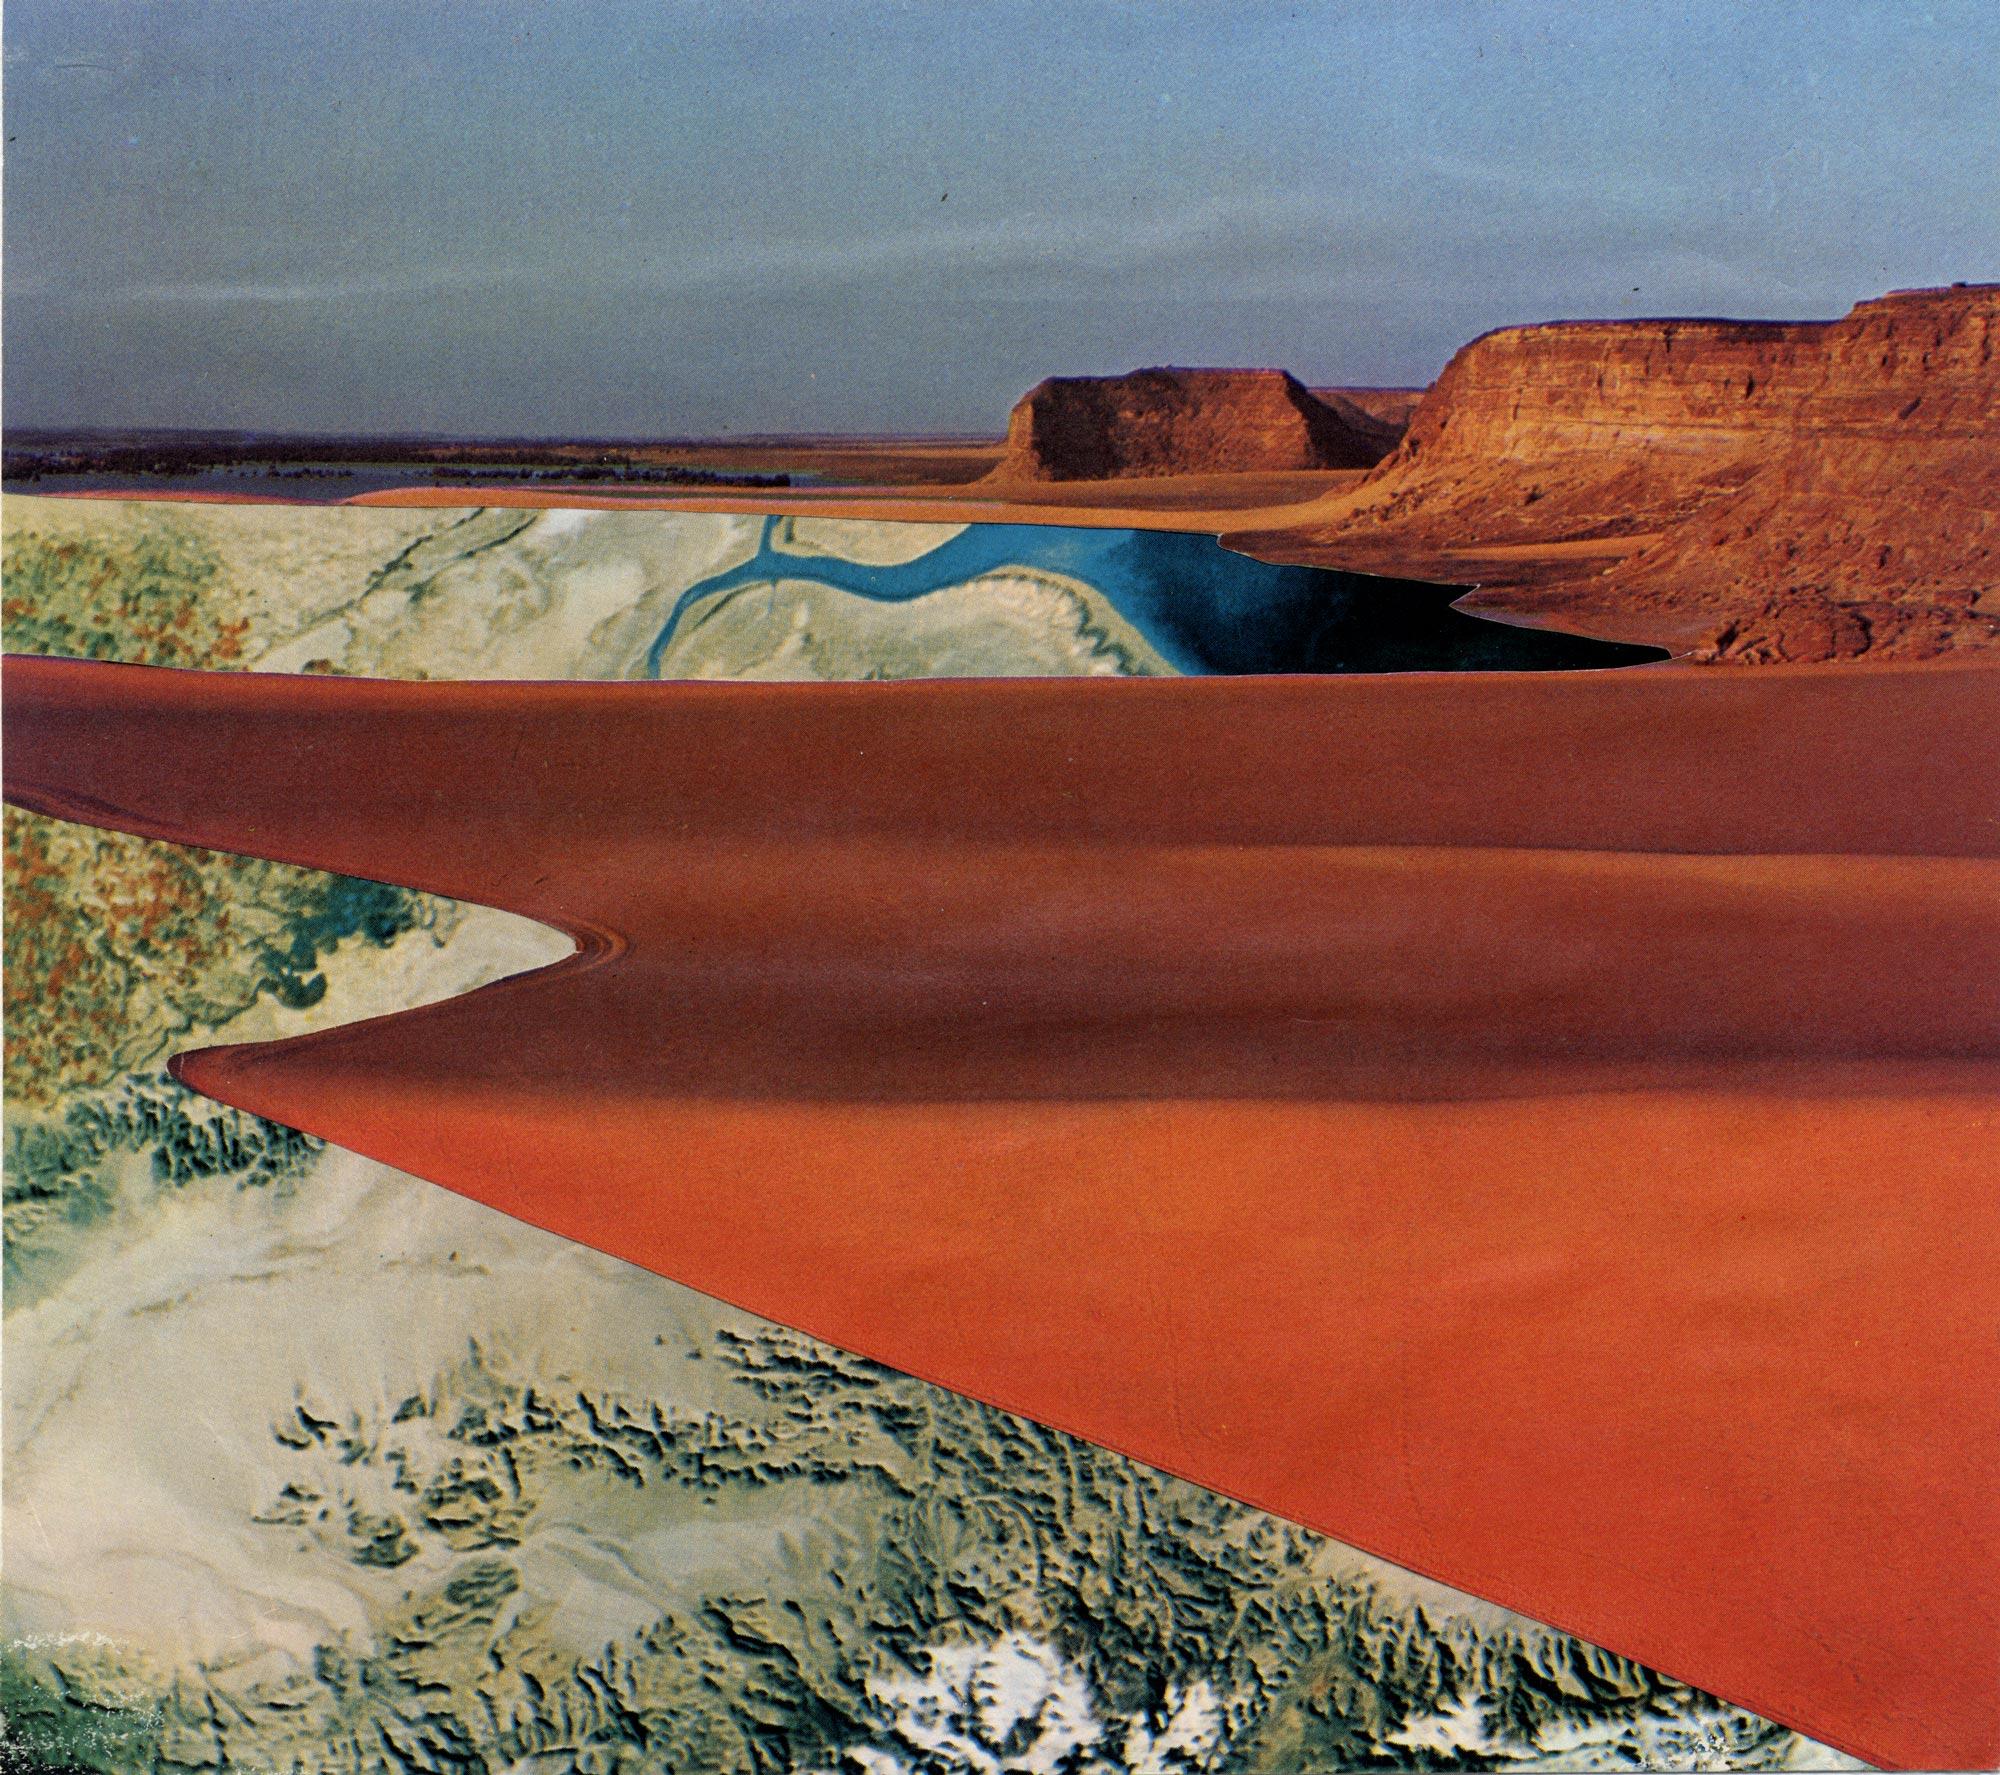 Desert Dream, 2015